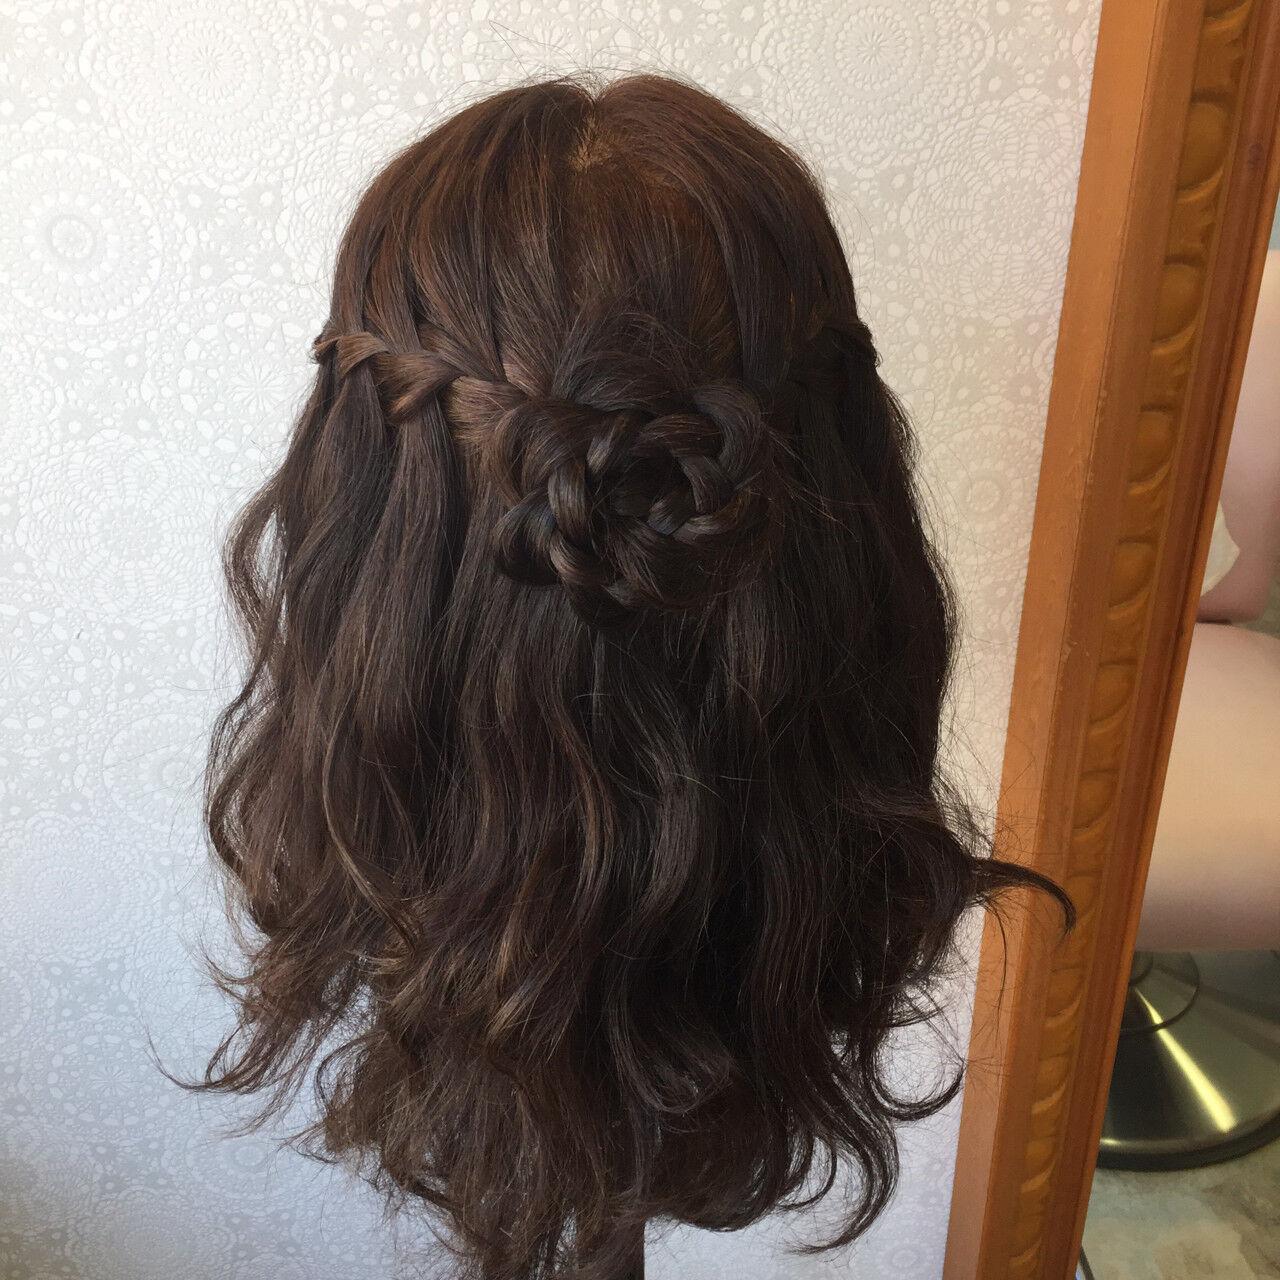 ハーフアップ パーティ セミロング ウォーターフォールヘアスタイルや髪型の写真・画像